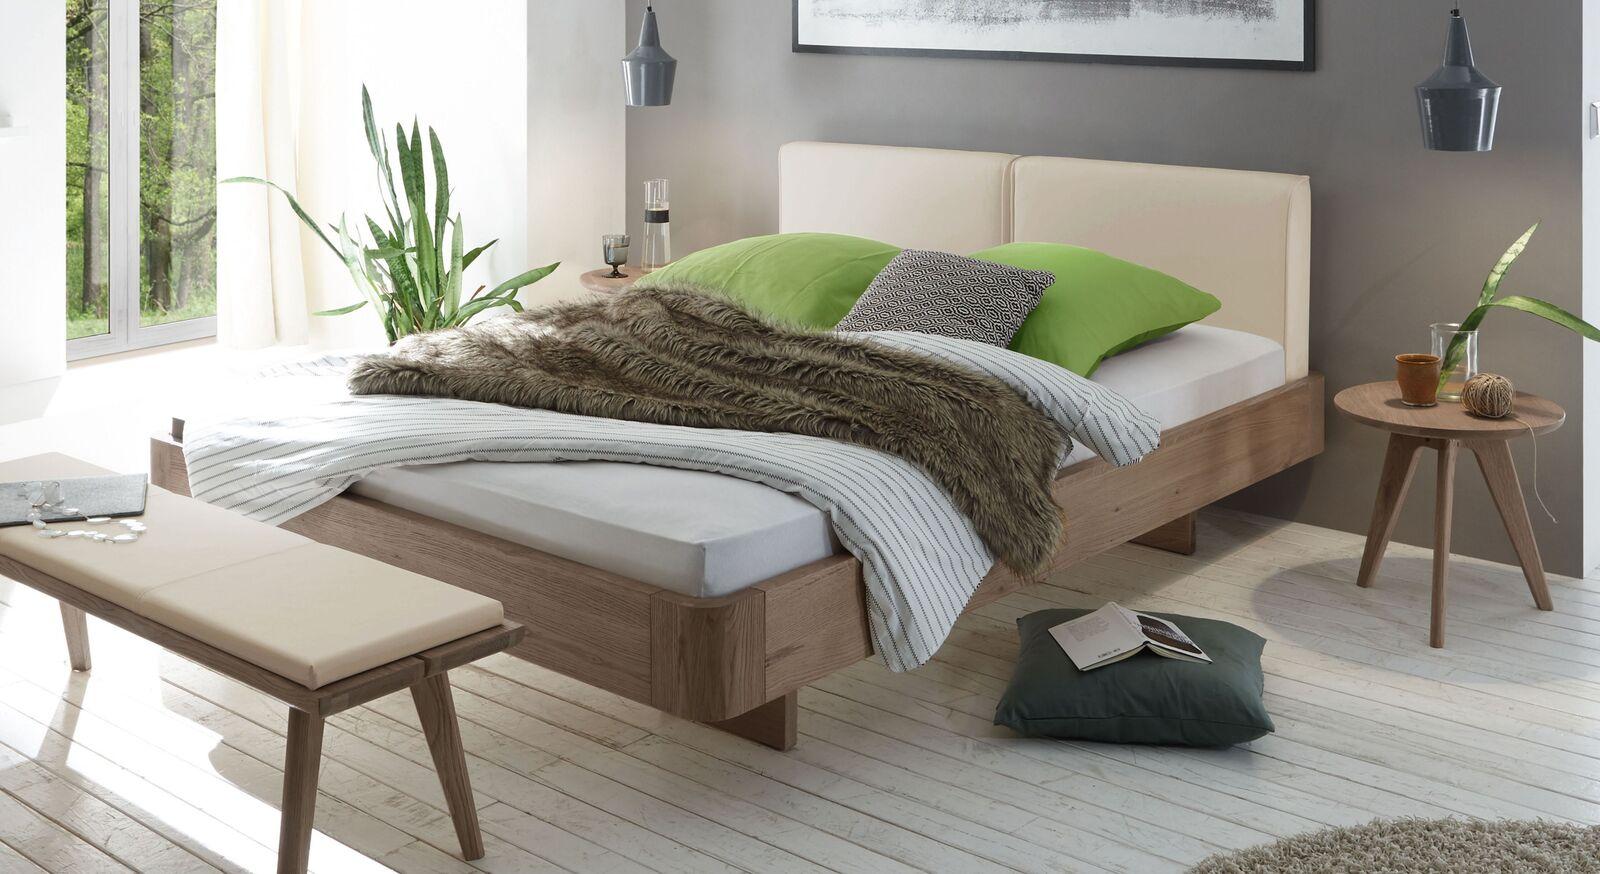 Bett Inesis mit beigem Kopfteil